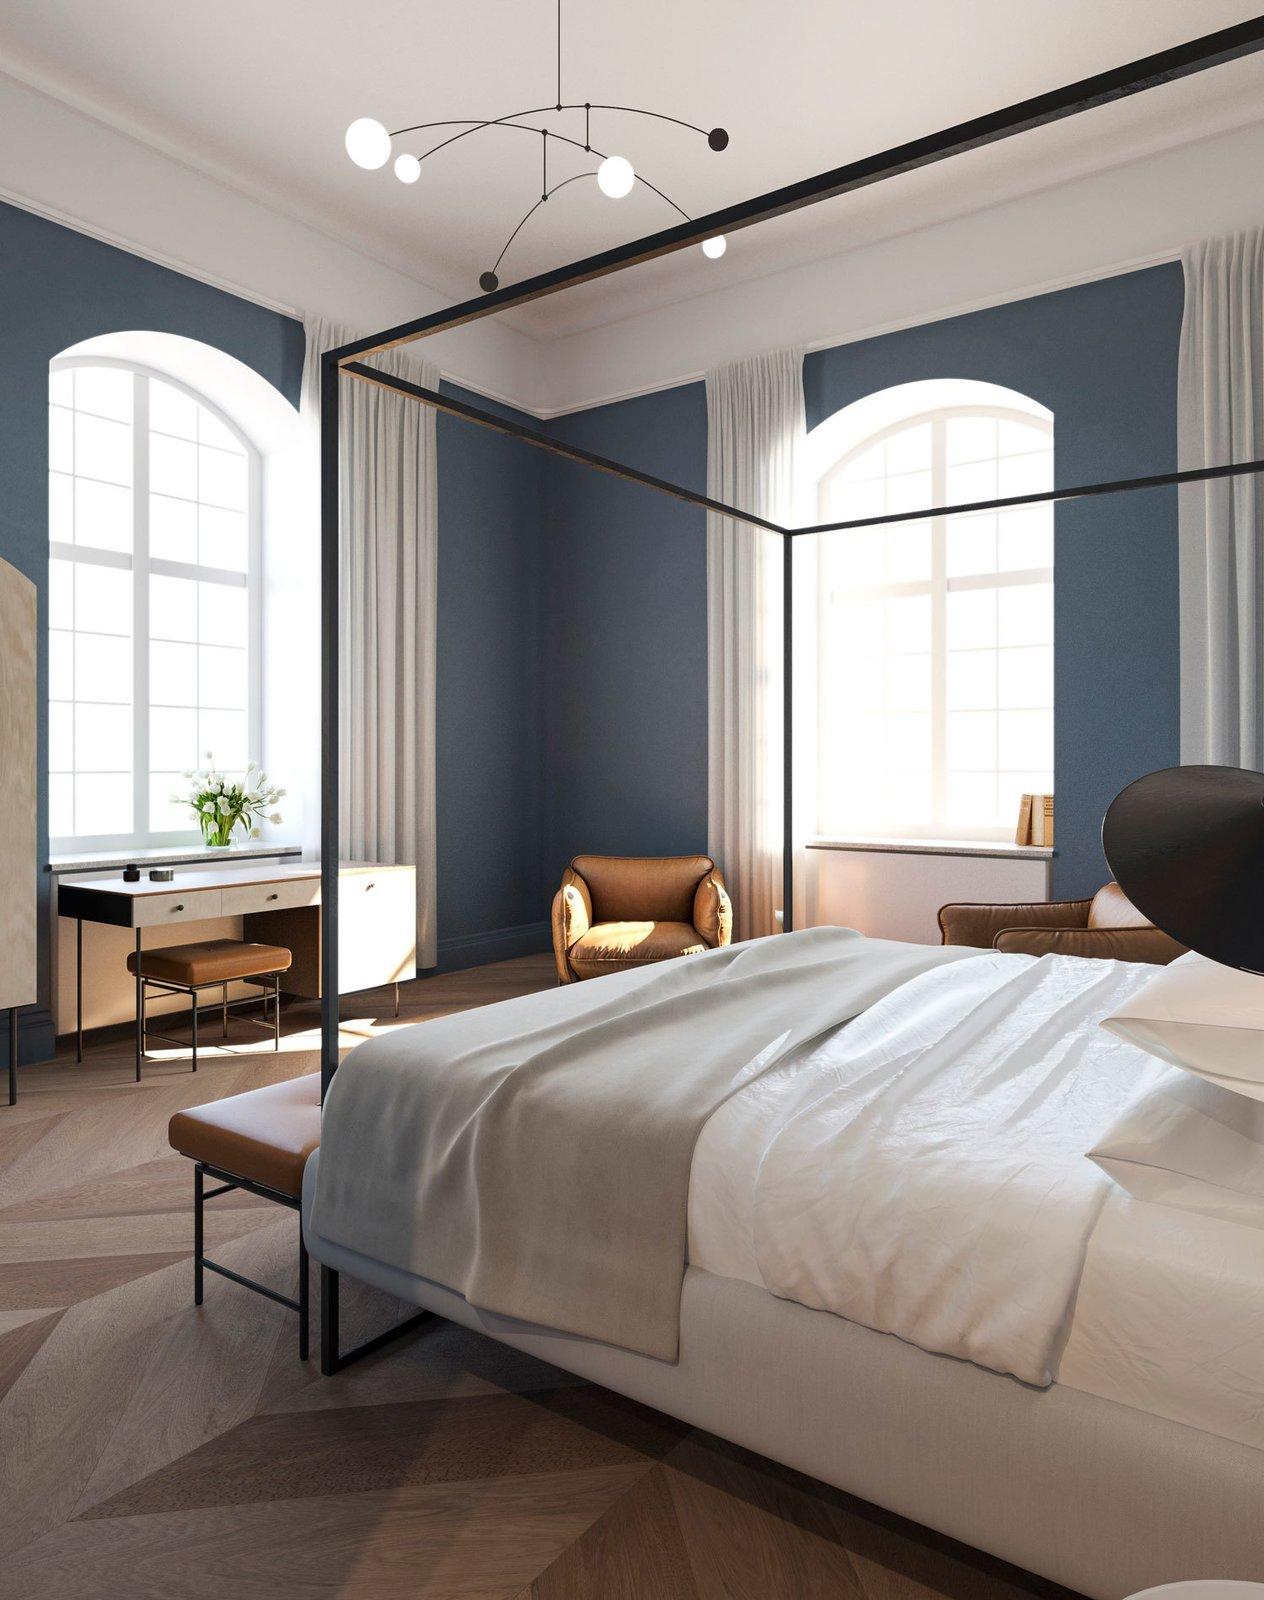 Bedroom, Light Hardwood Floor, Chair, Bench, Bed, and Pendant Lighting  Nobis Hotel Copenhagen